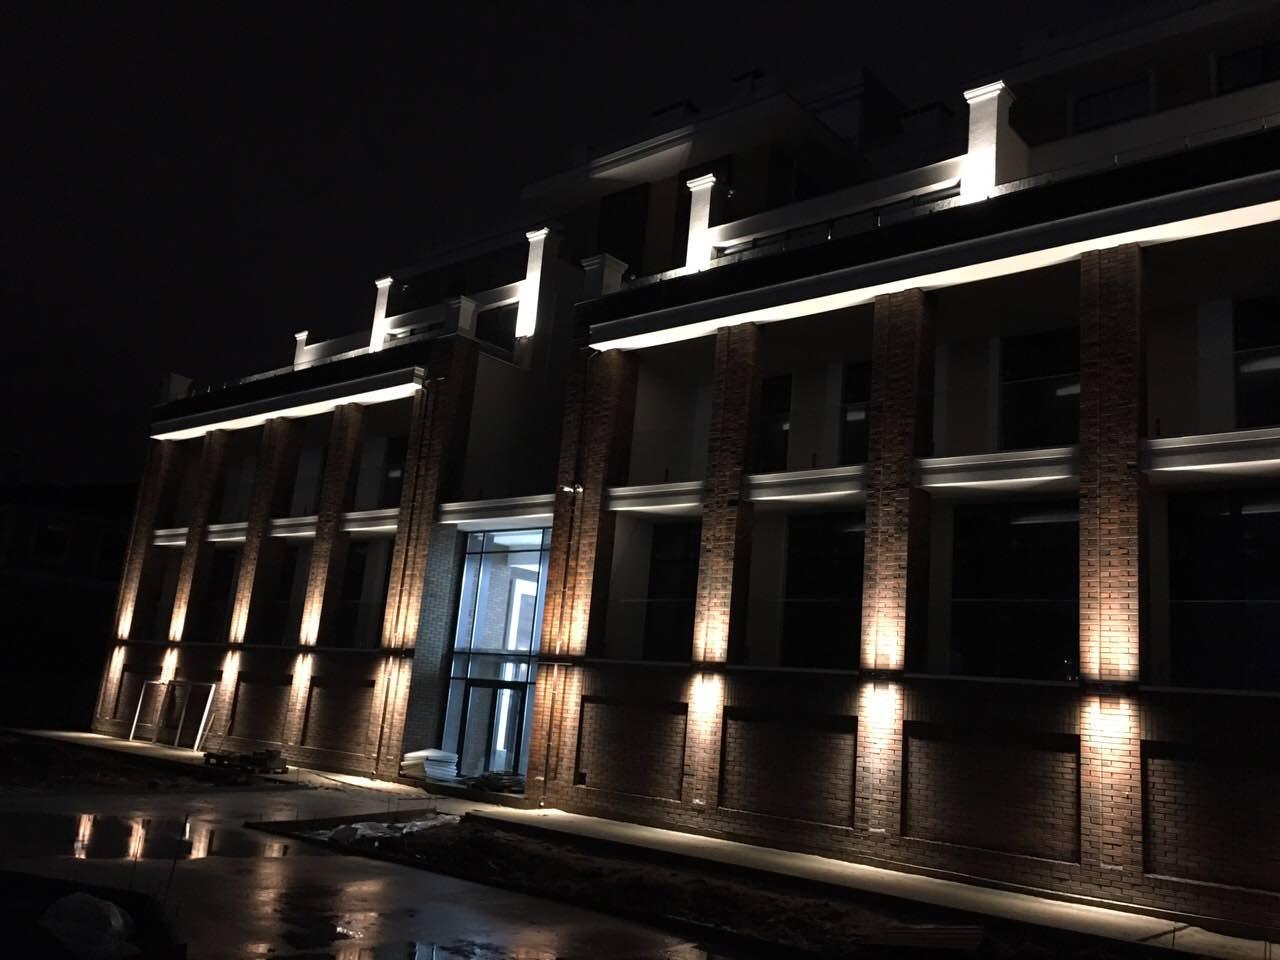 Ночная подсветка секции Lux во всей красе